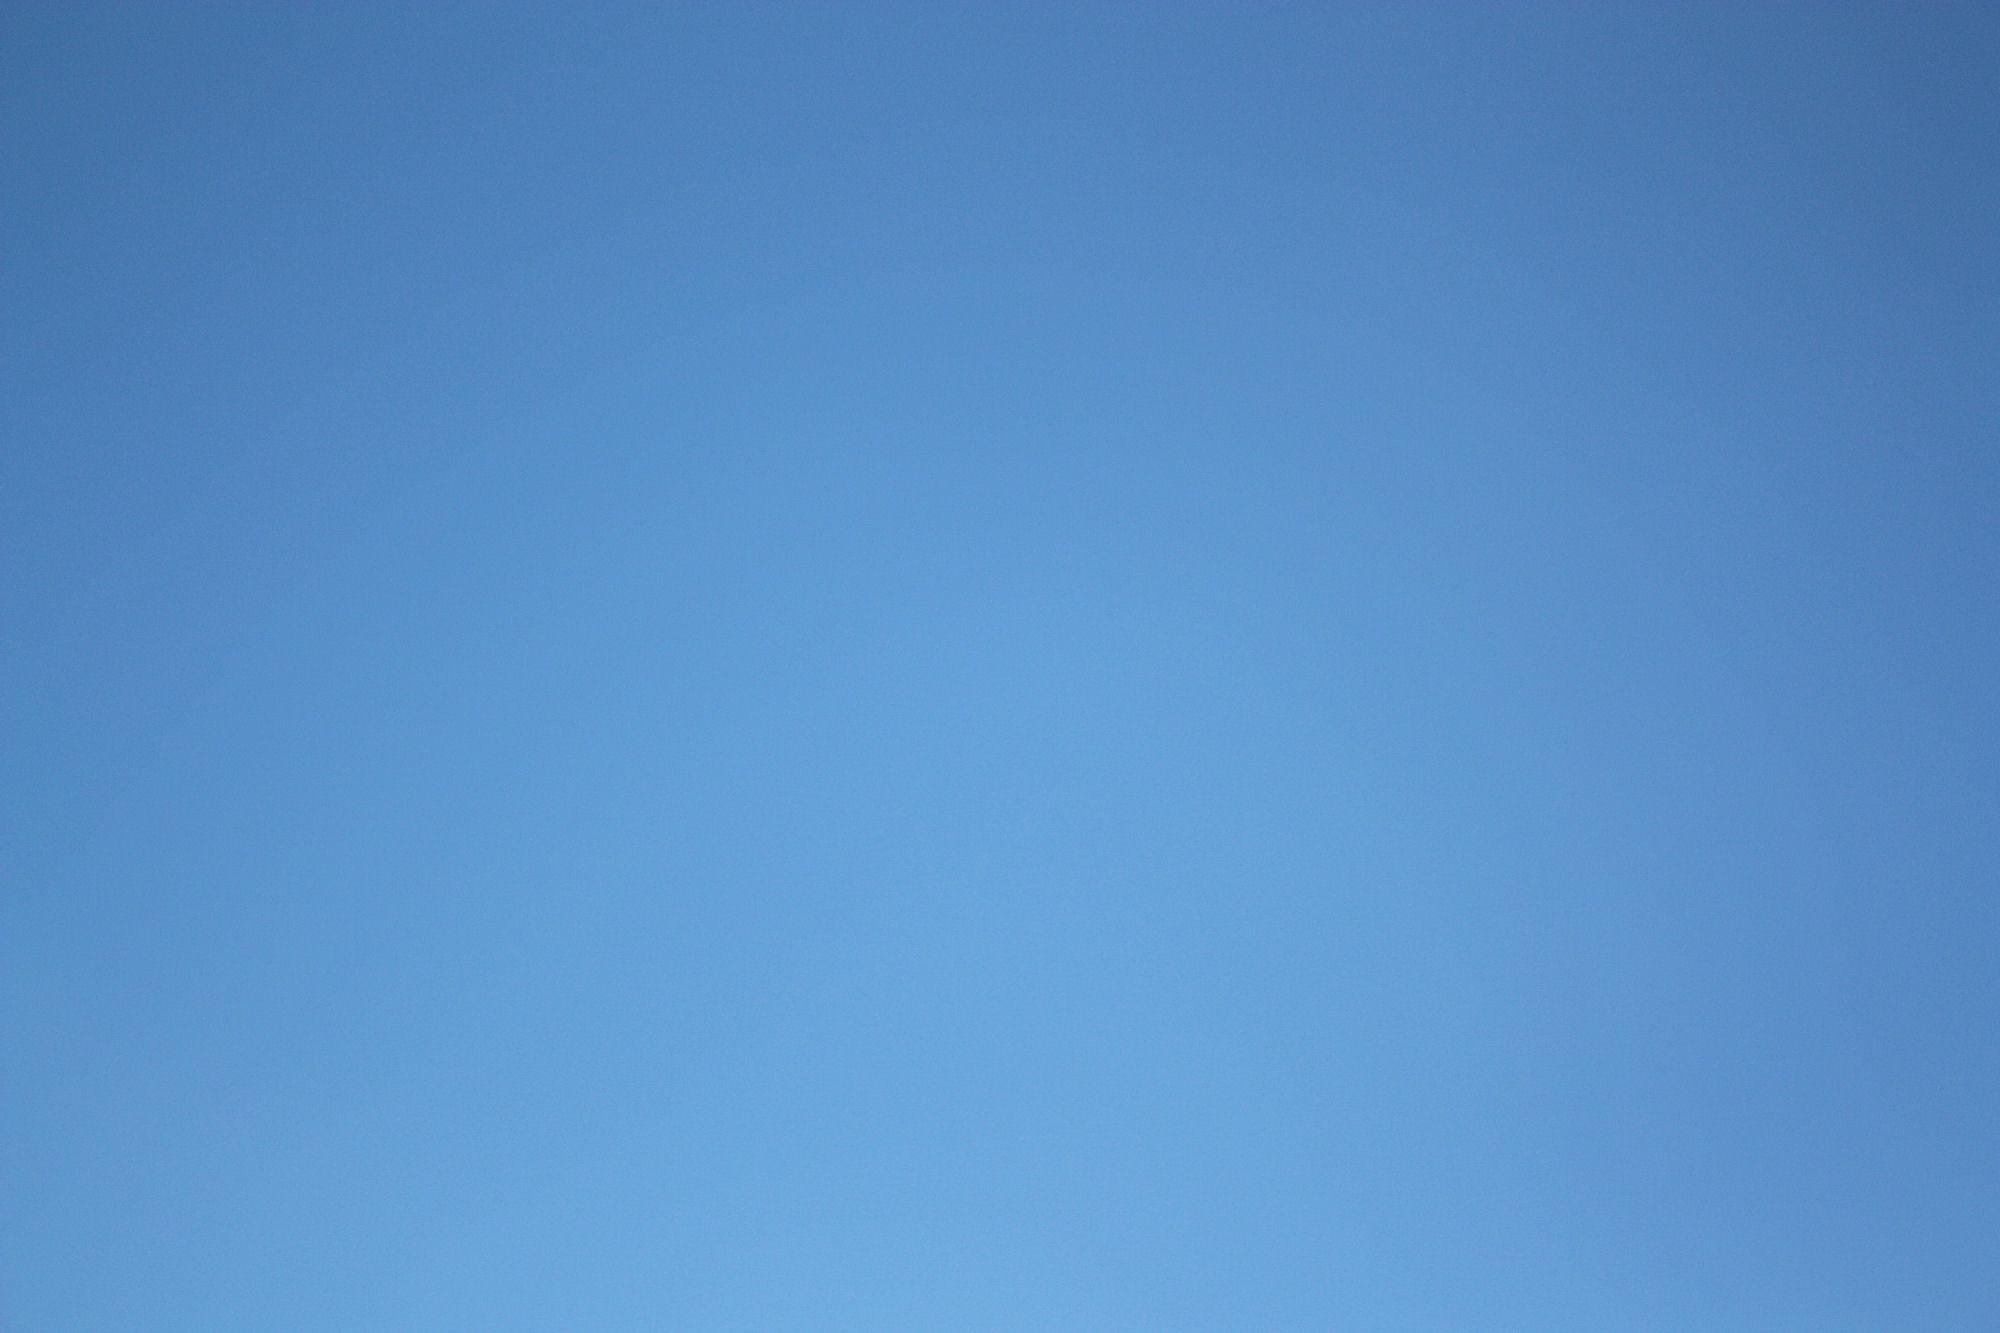 blue-sky-matte-2.jpg